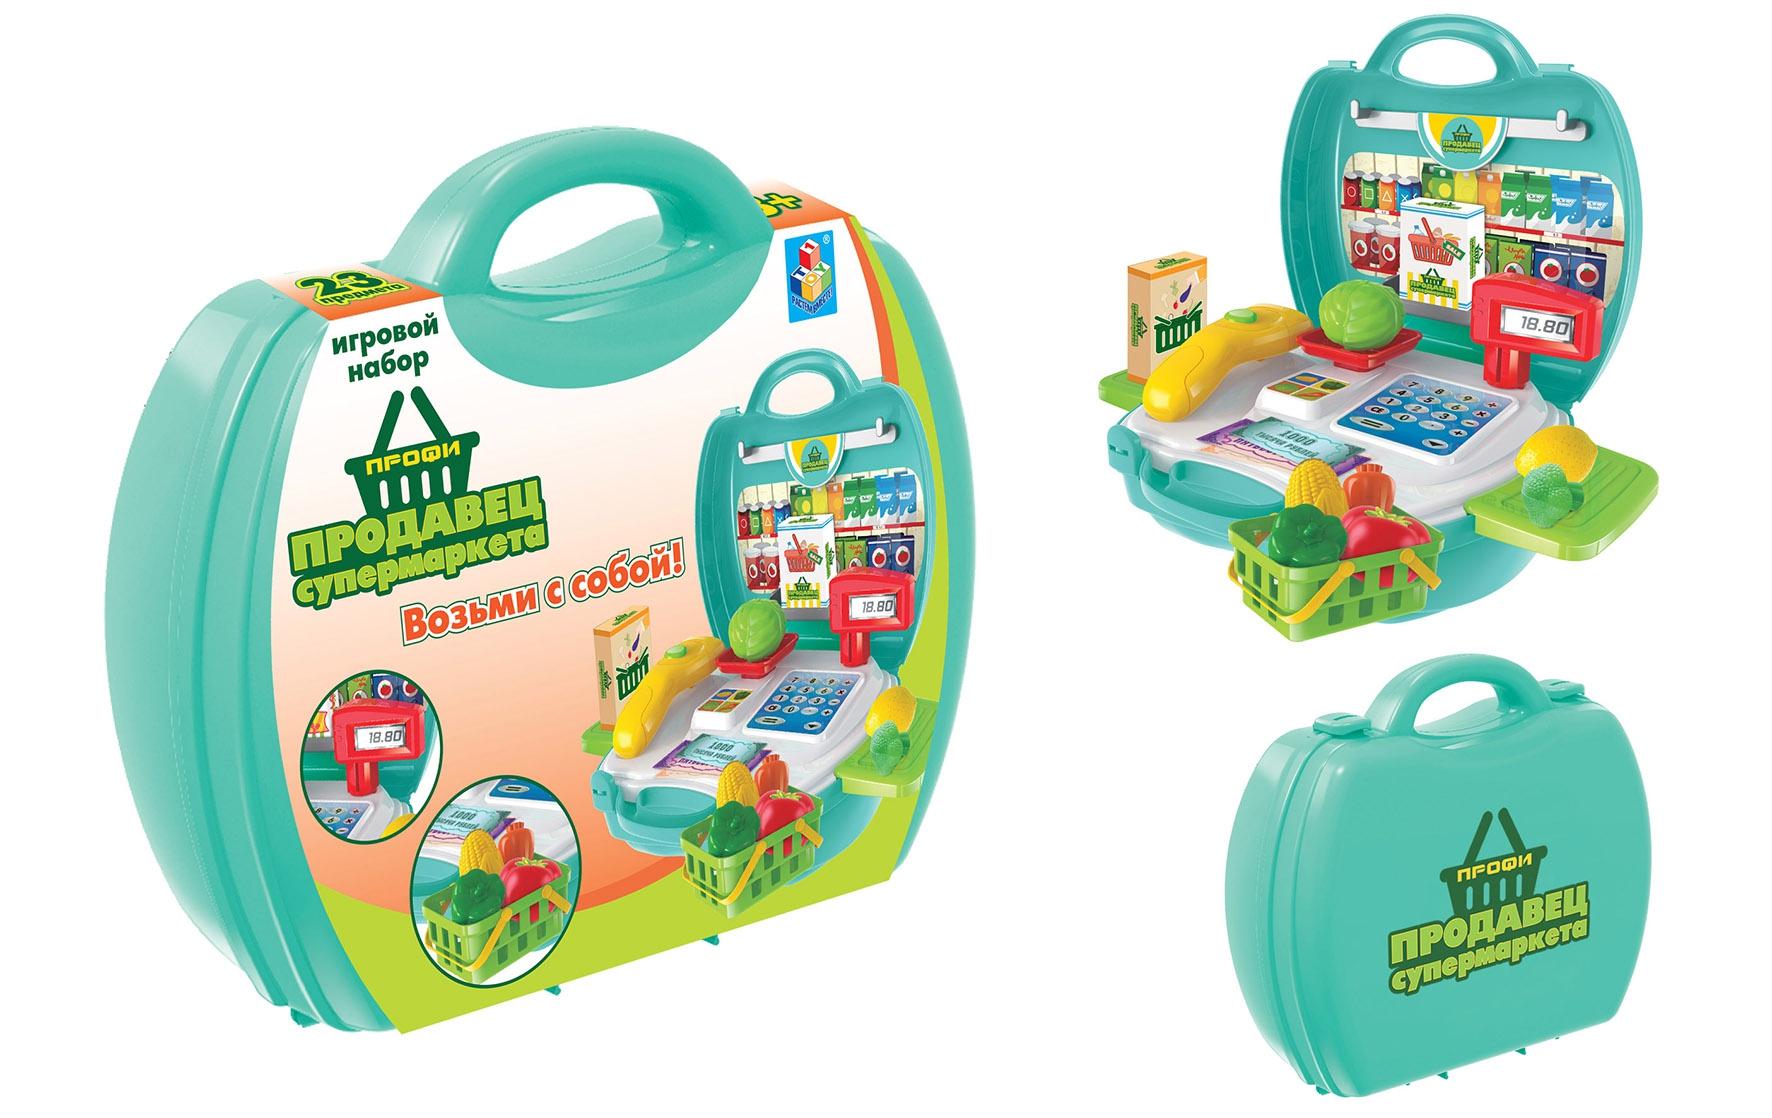 Игровые наборы и фигурки для детей 1toy Продавец Супермаркета цена